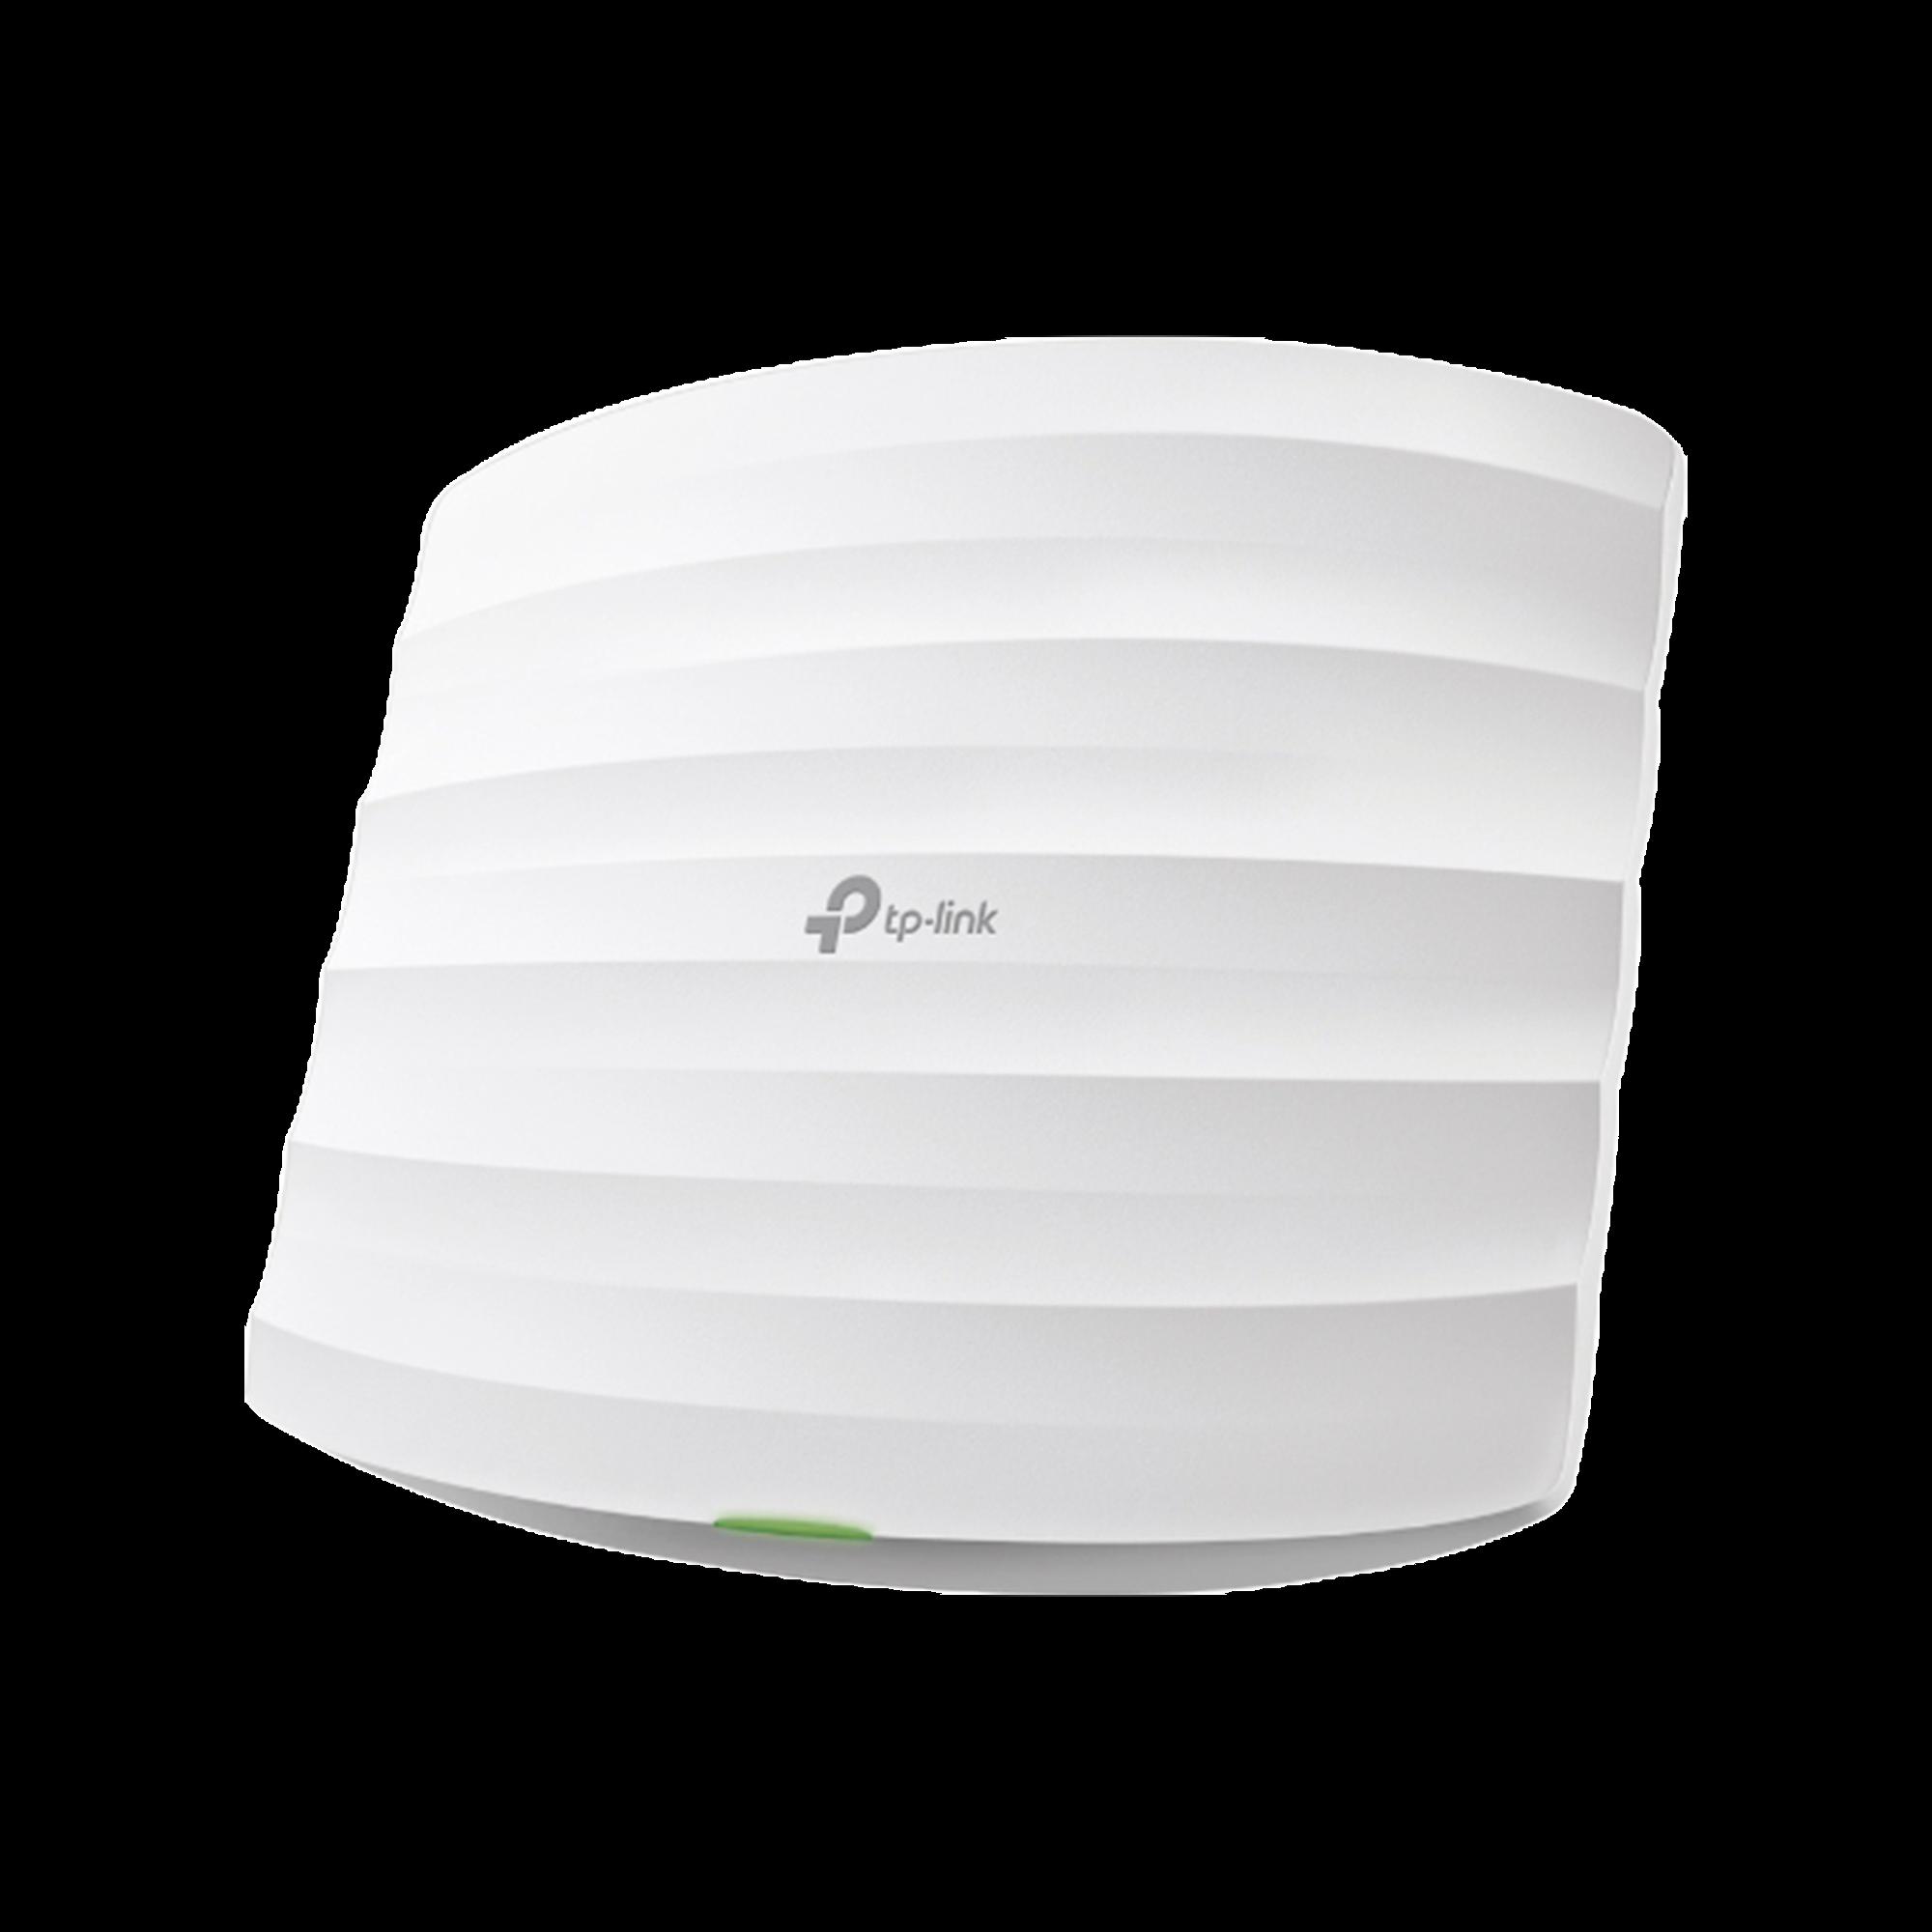 Punto de Acceso Omada de doble banda 802.11ac, MU-MIMO, PoE 802.3af y PoE Pasivo, soporta hasta 100 clientes, hasta 1350 Mbps